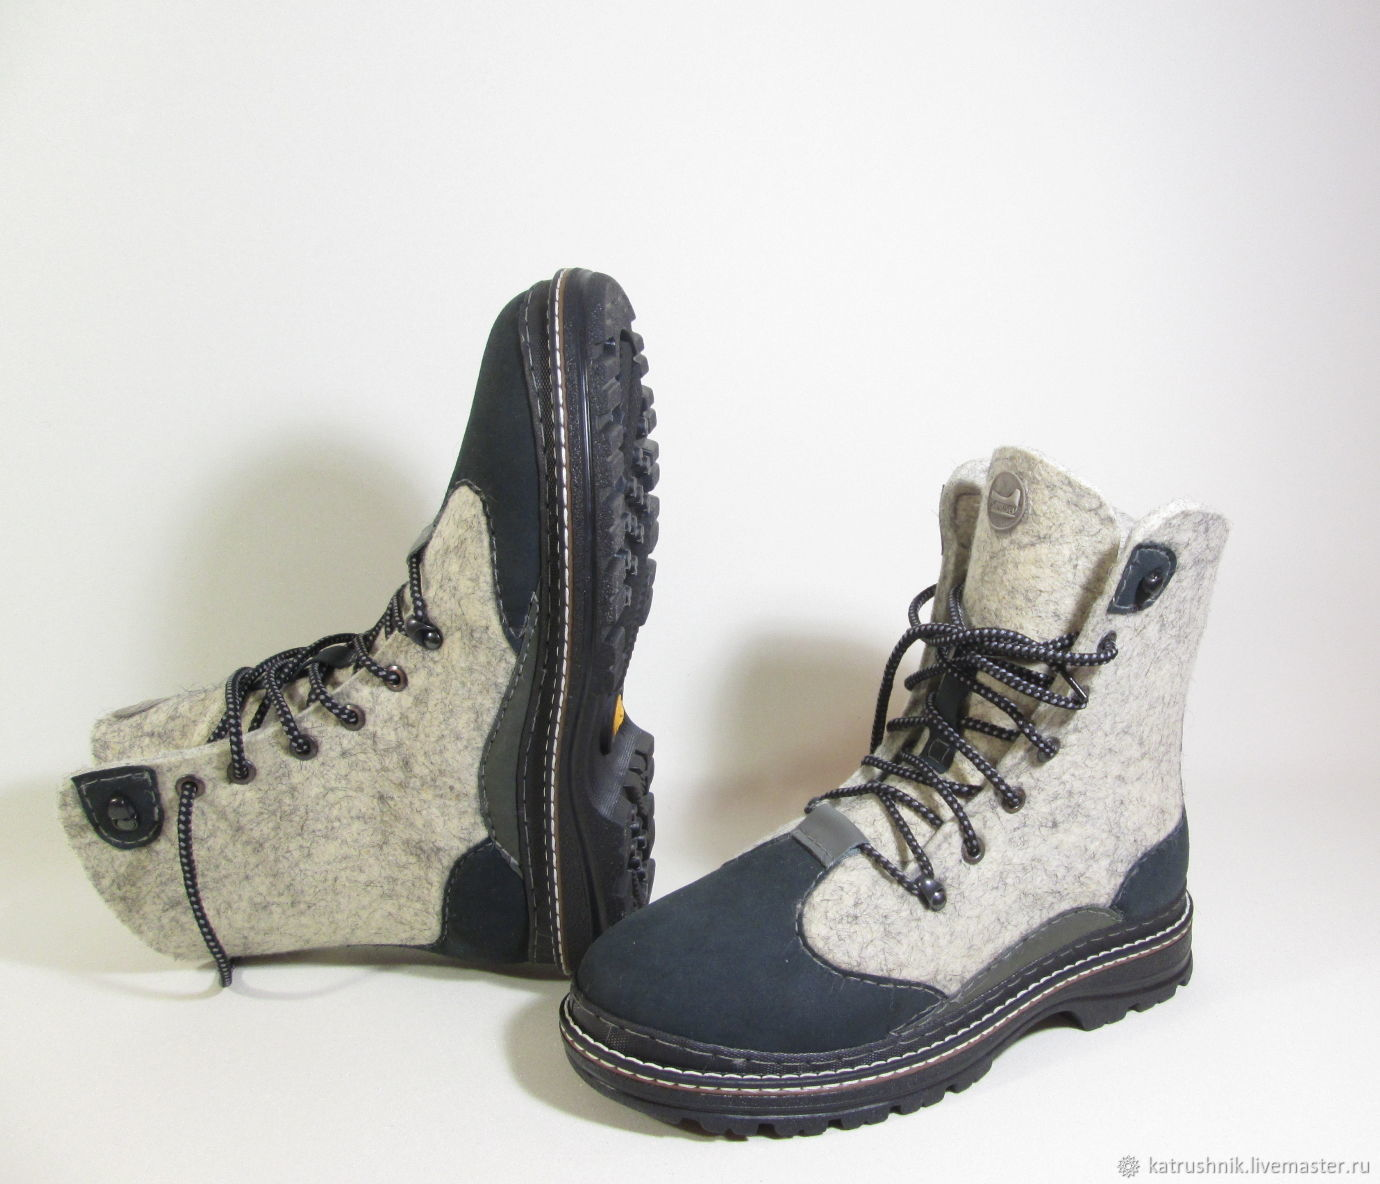 """Обувь ручной работы. Ярмарка Мастеров - ручная работа. Купить Ботинки валяные мужские """"Эльбрус"""". Handmade. Подарок мужчине"""